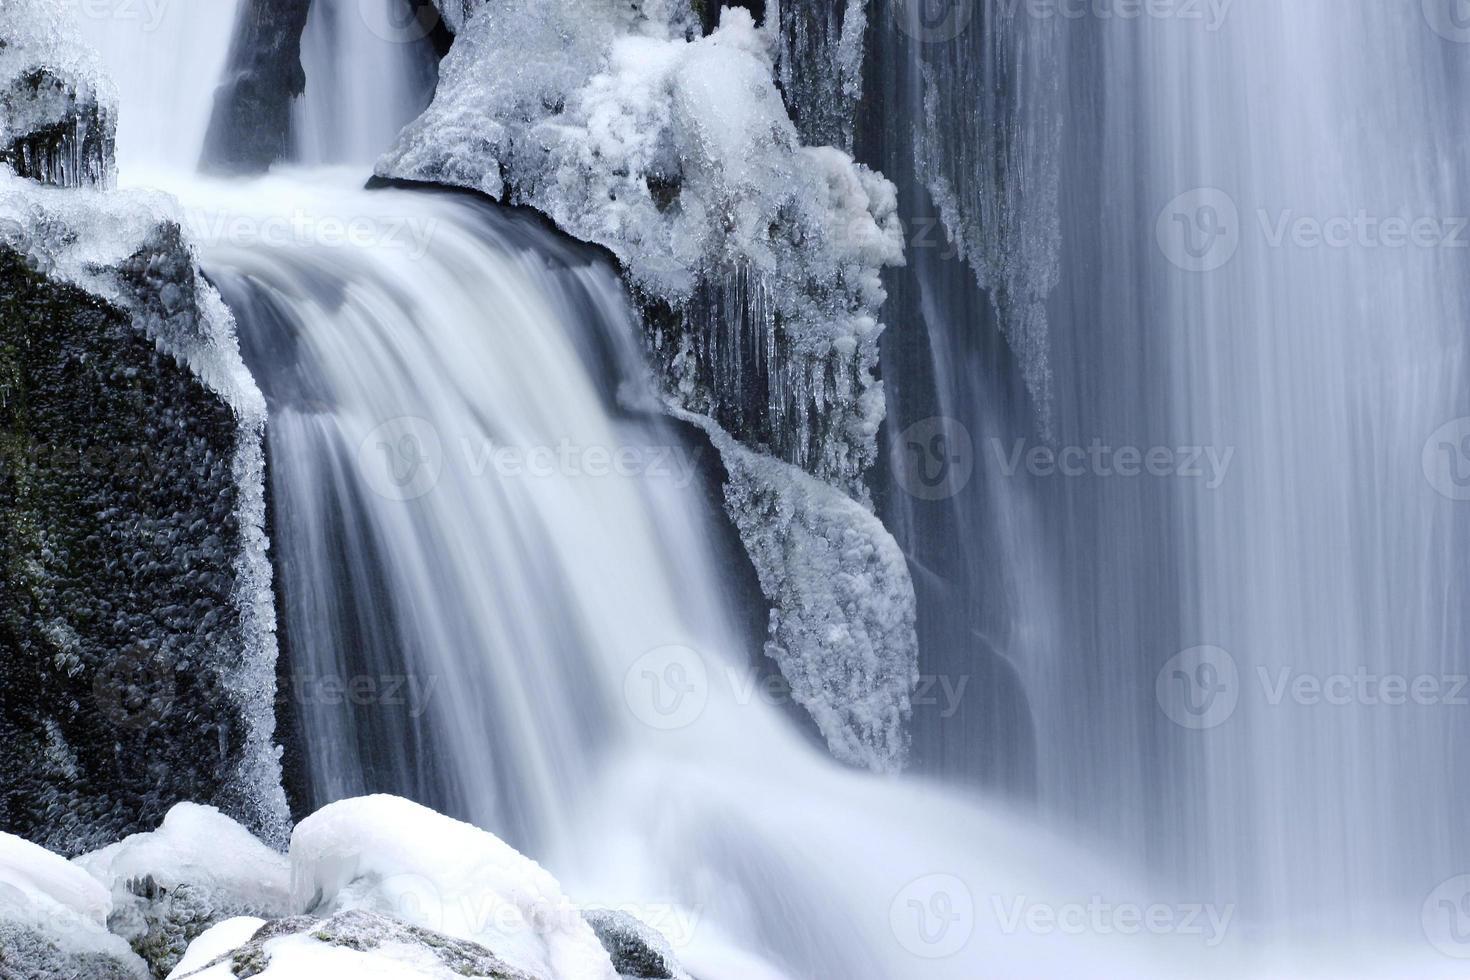 Wasserfall im Winter photo